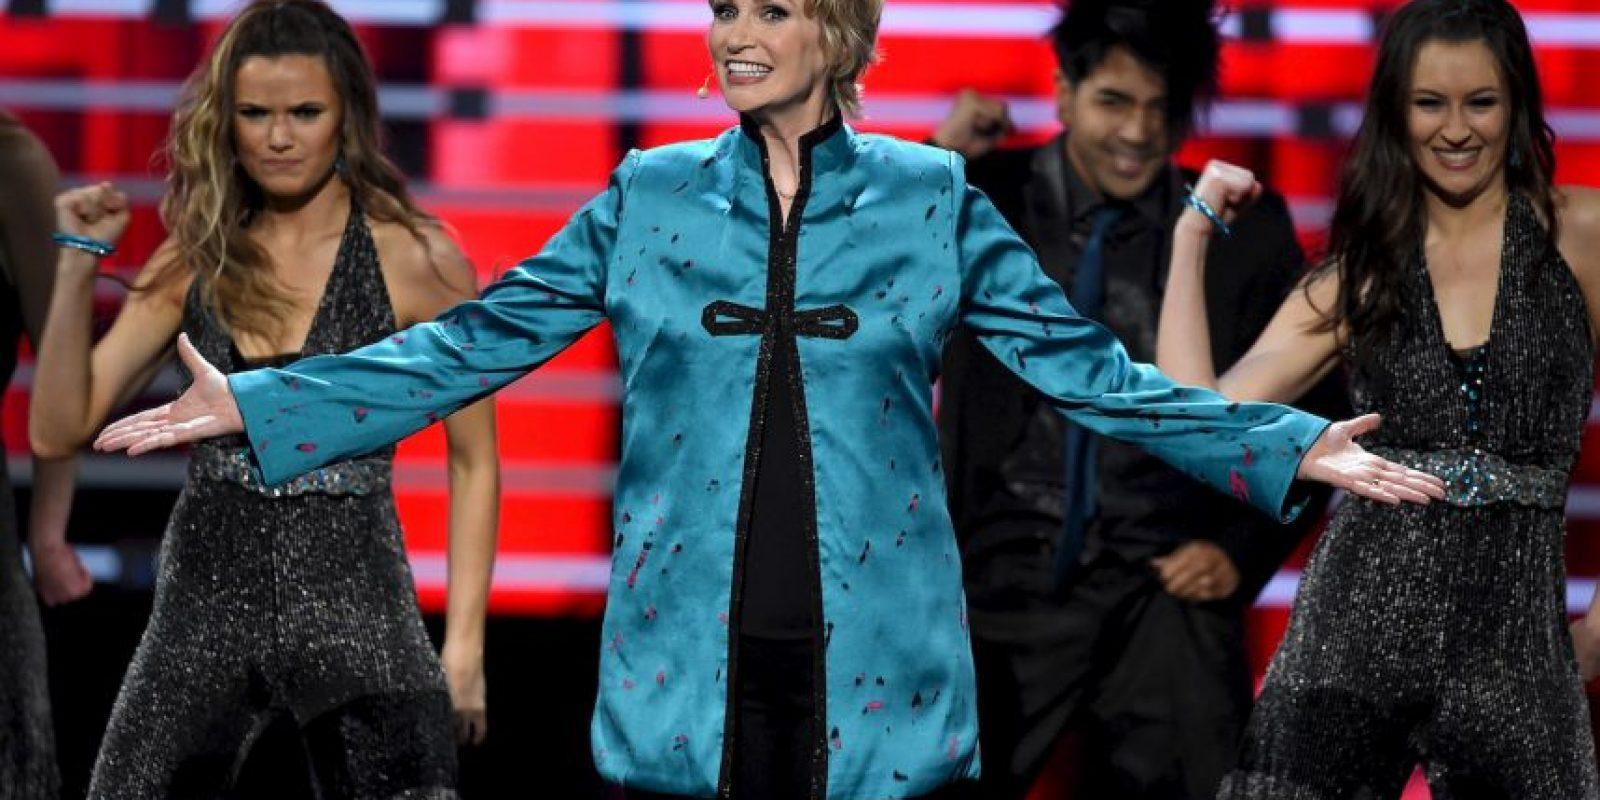 La actriz Jane Lynch decidió parodiar lo sucedido en Miss Universo 2015 Foto:Getty Images